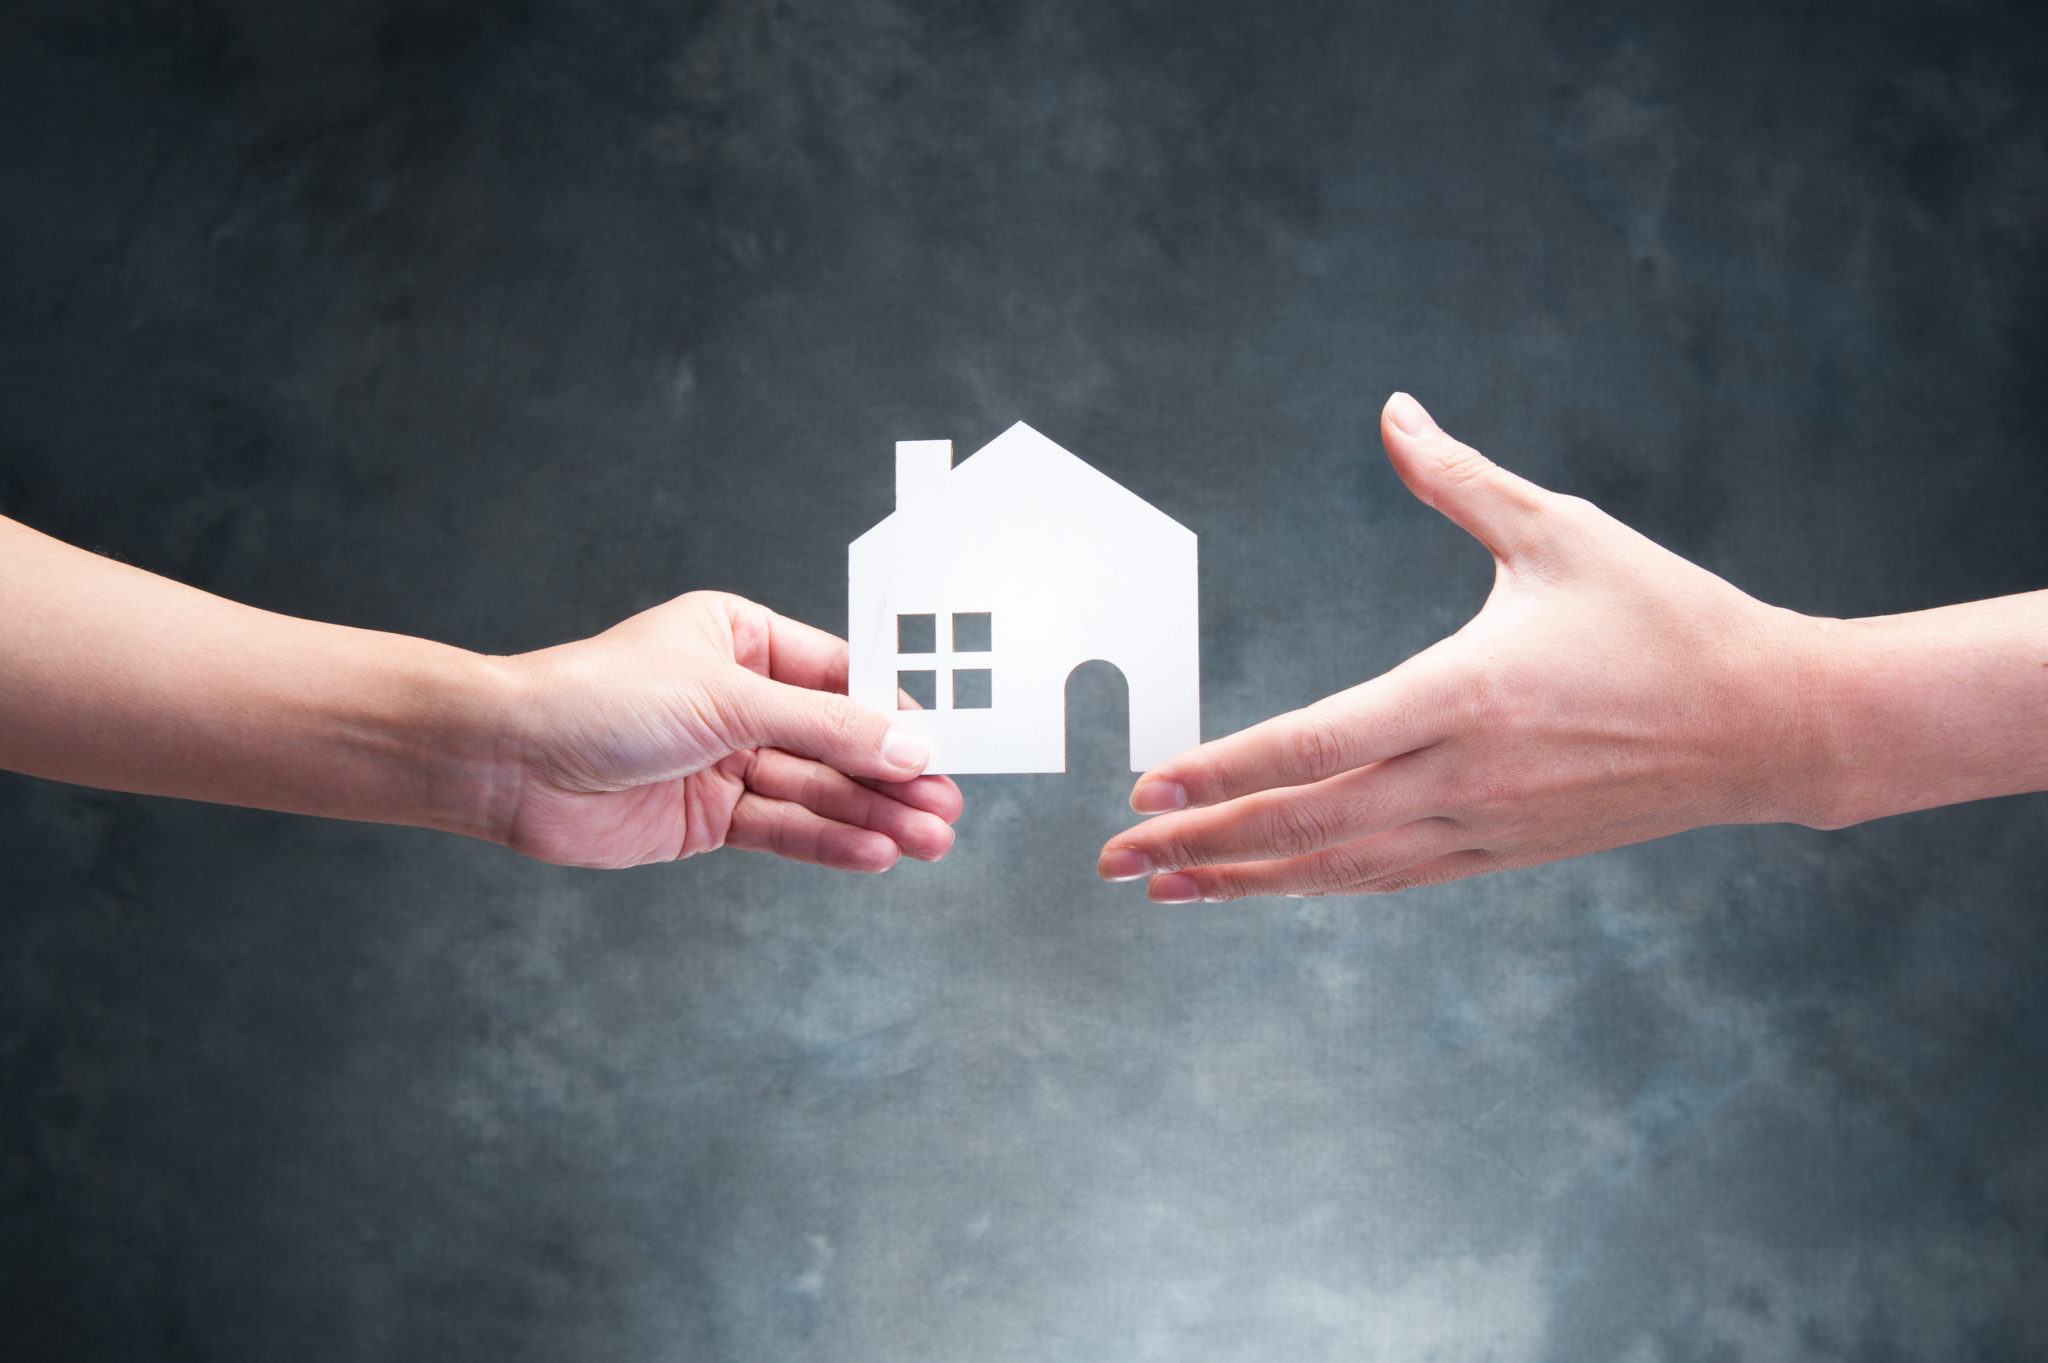 Ипотечное страхование: что это такое и сколько стоит